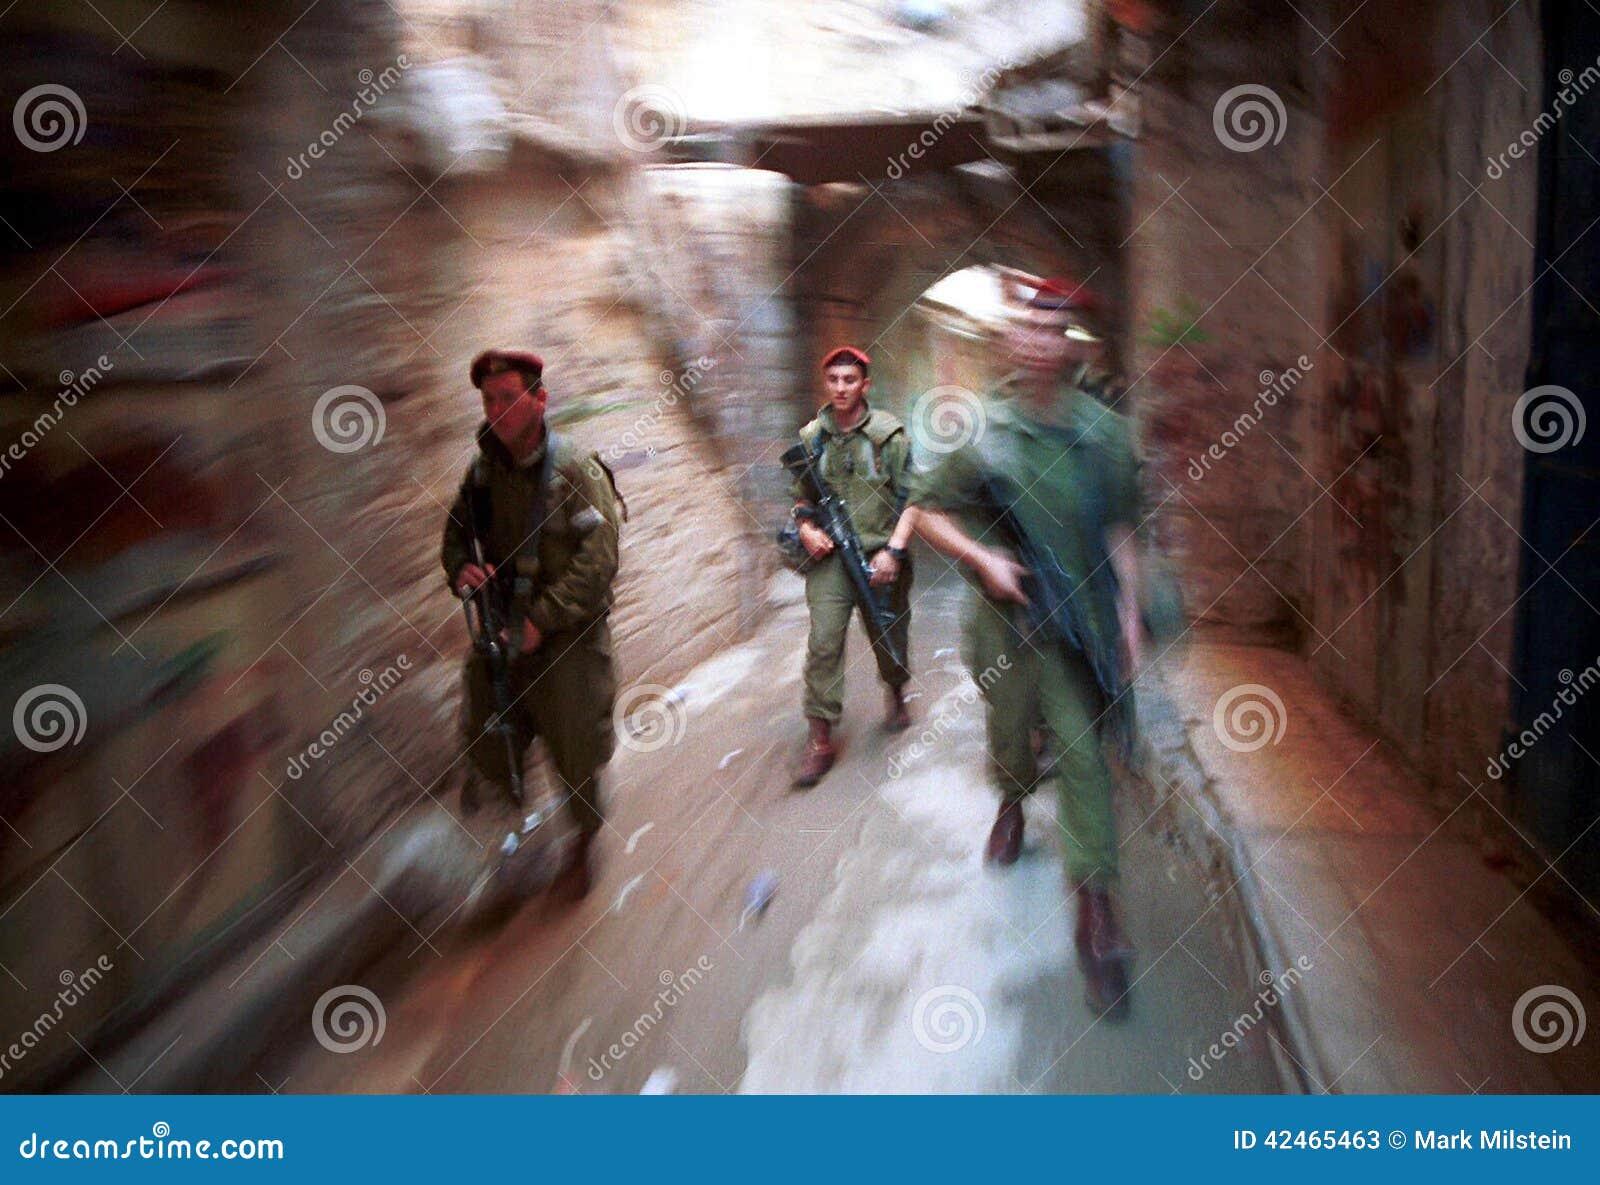 ISRAELISCHE ARMEE AUF DEM WESTJORDANLAND